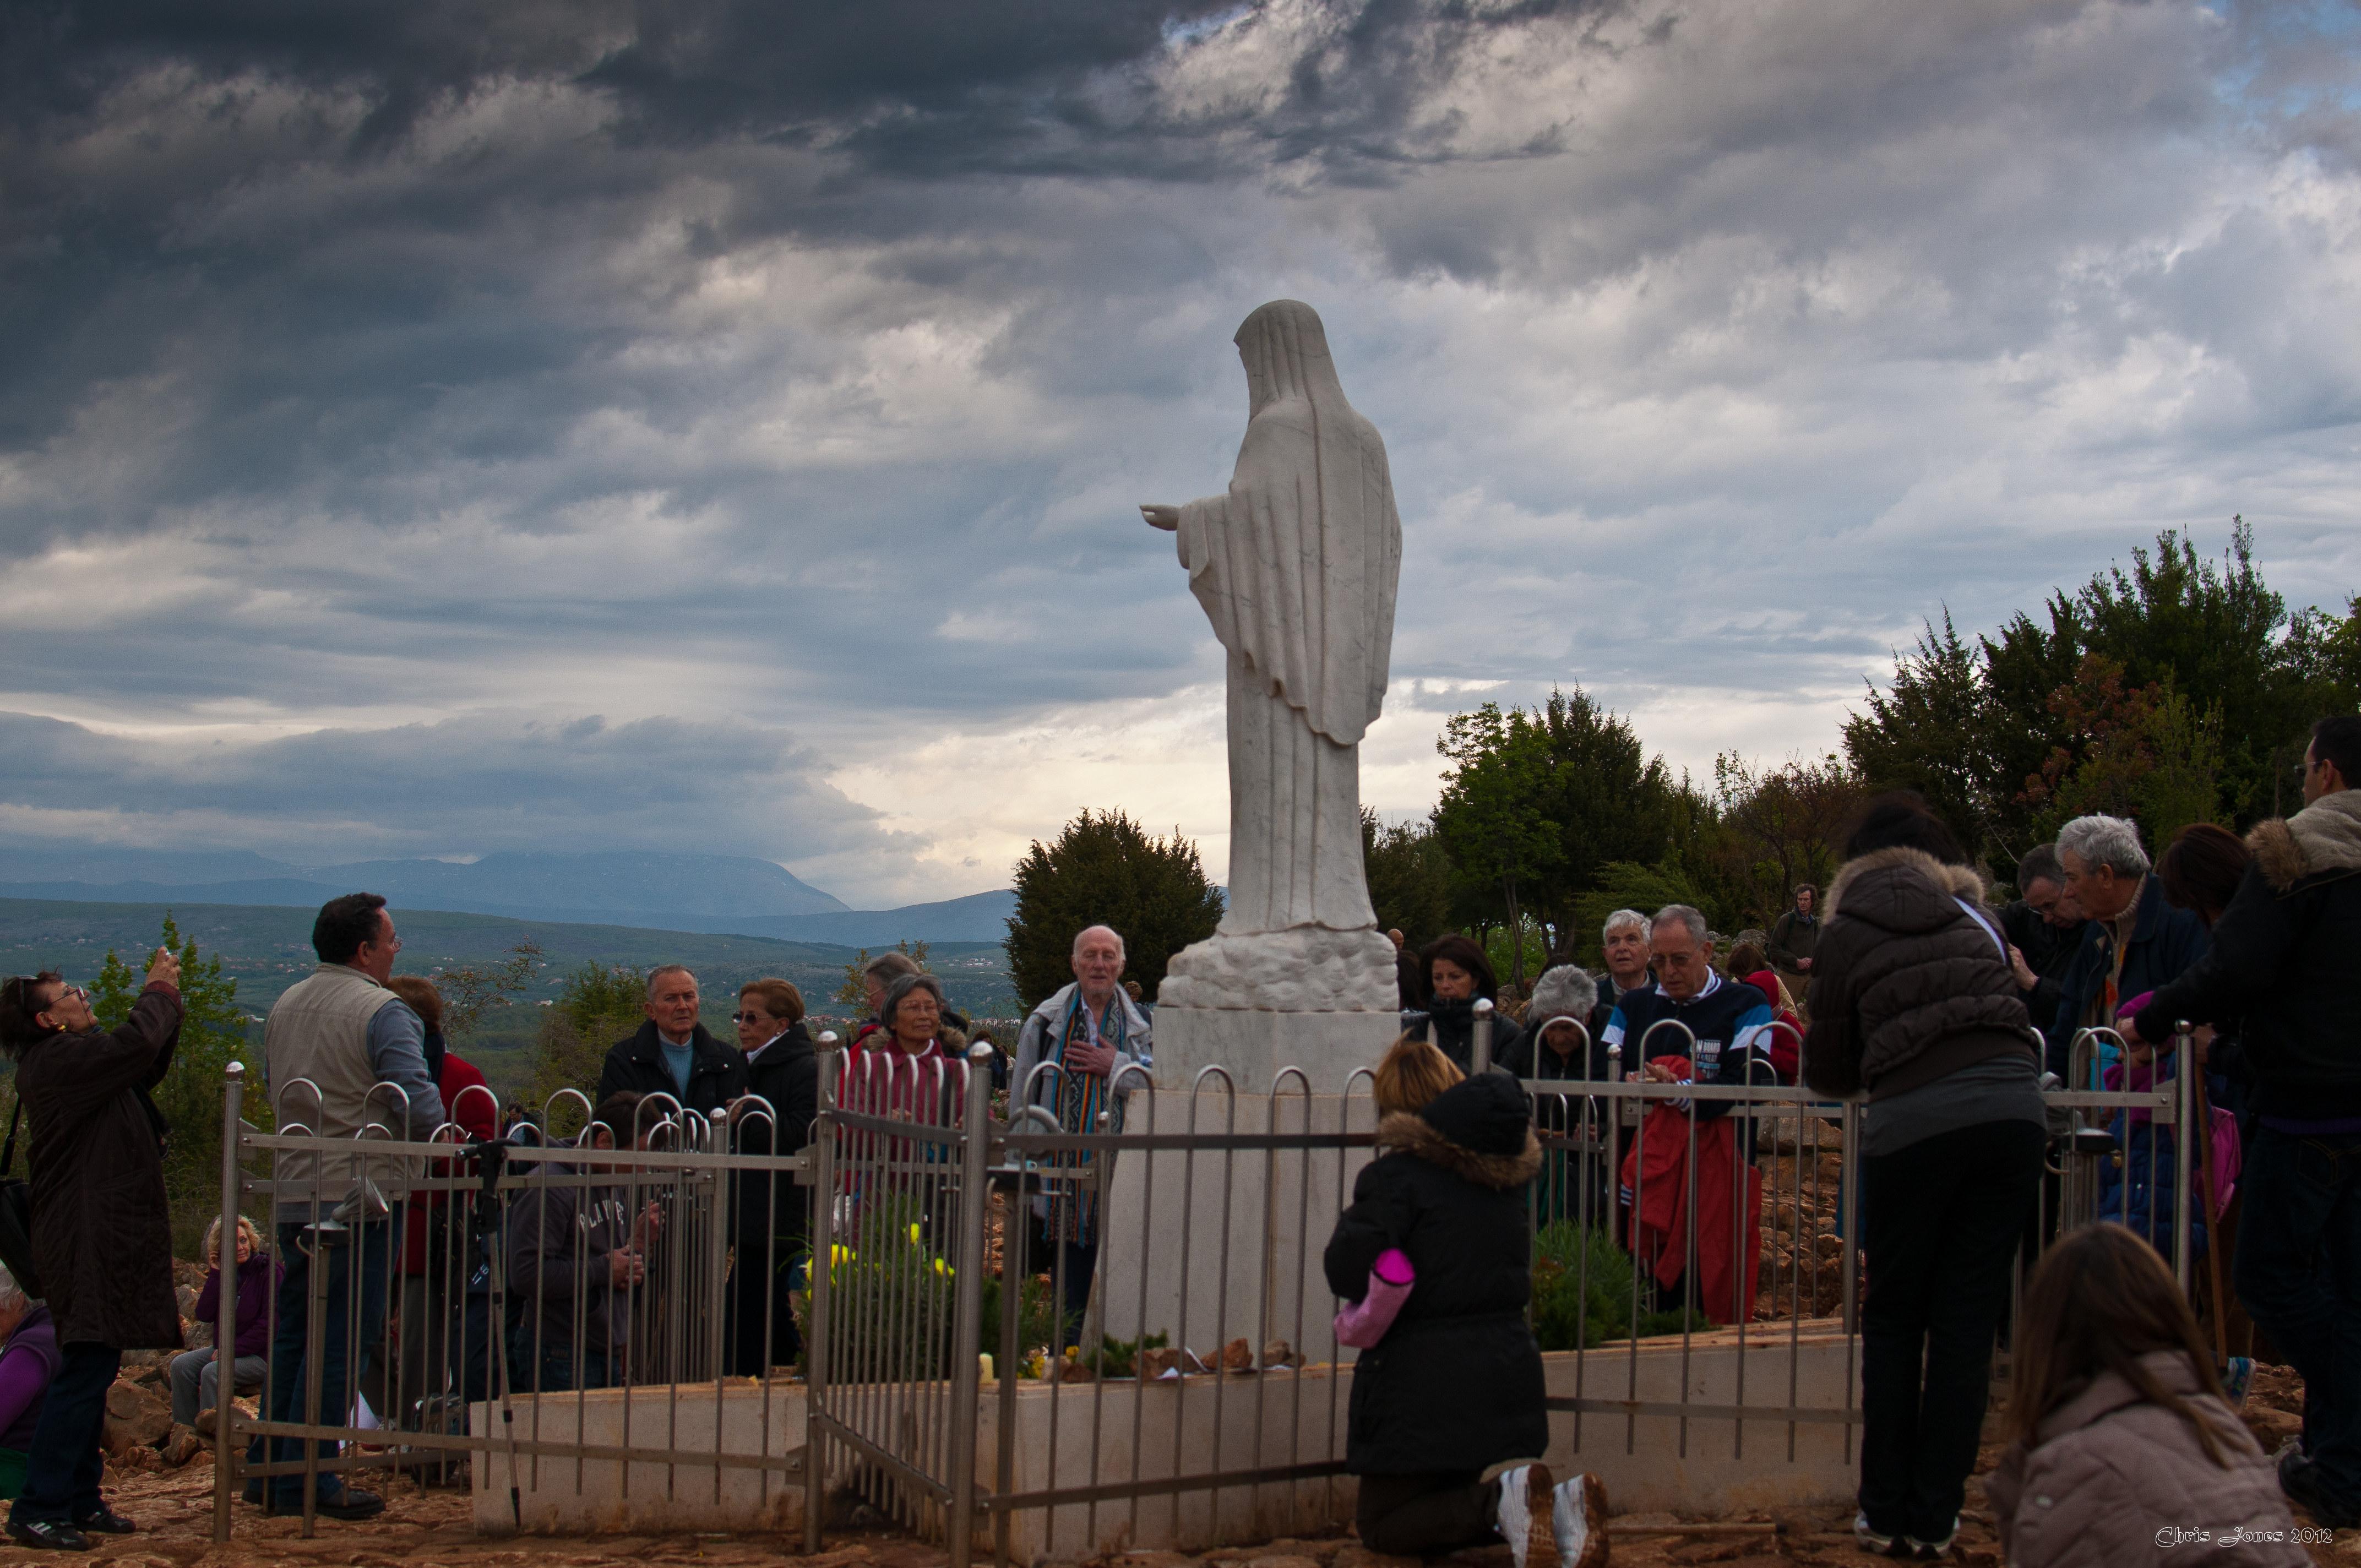 Ein Besuch im umstrittenen Marienwallfahrtsort Medjugorje